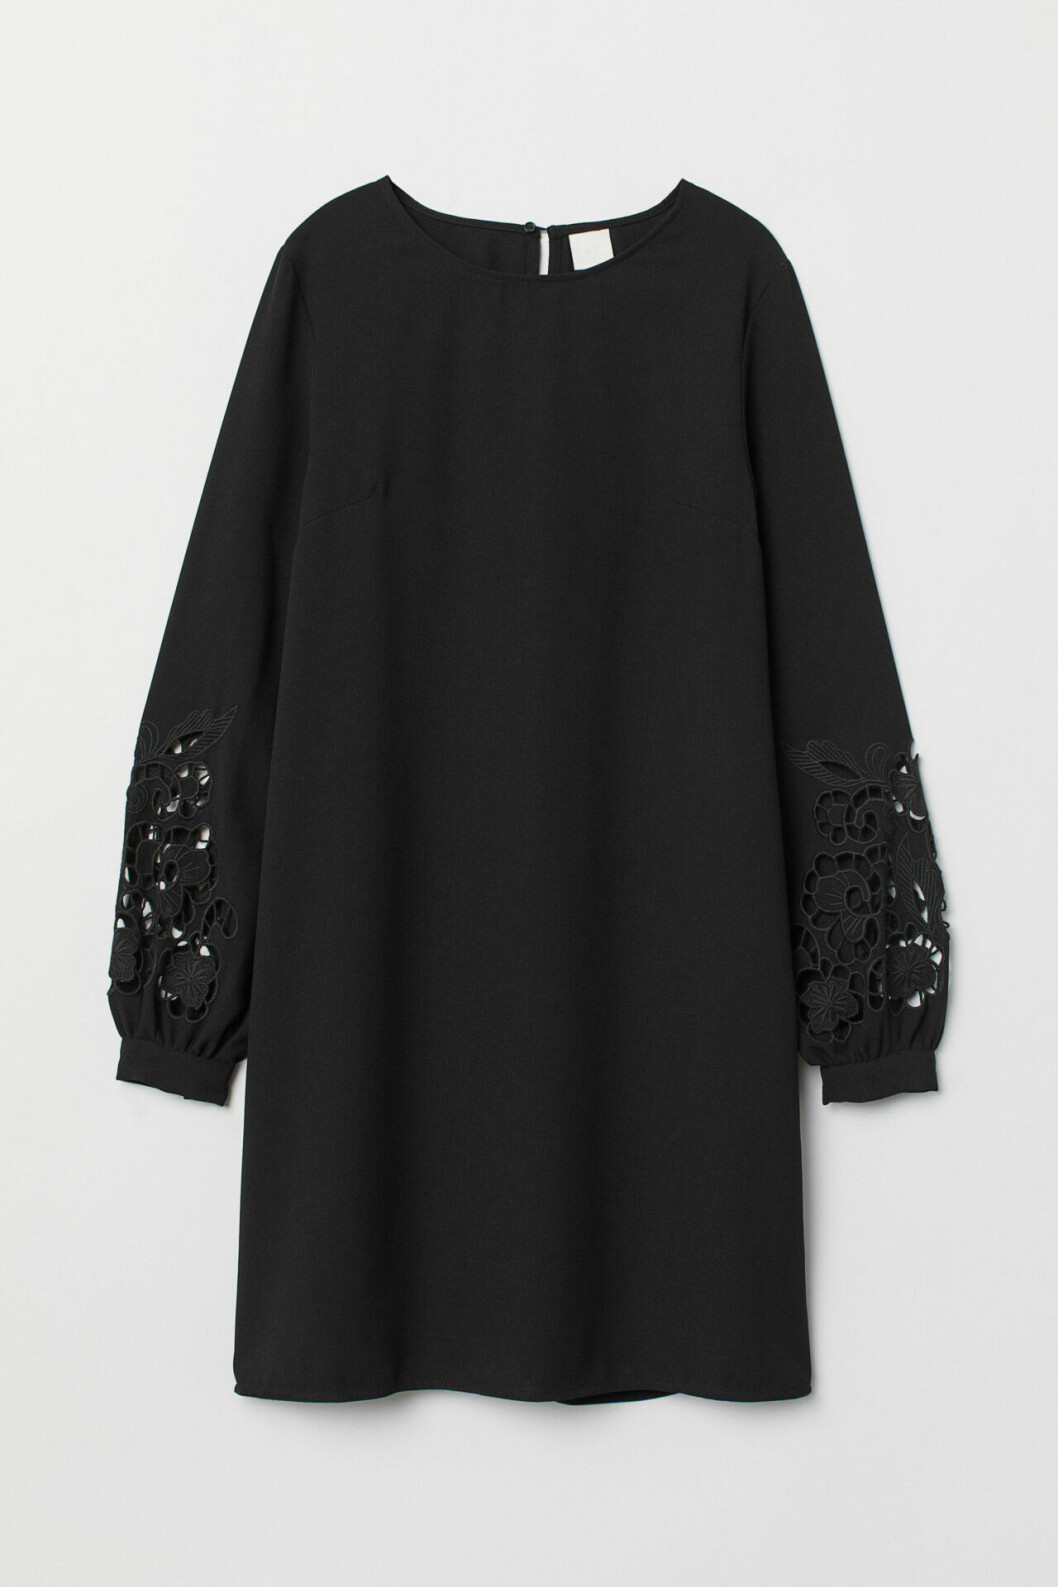 Svart klänning med lång ärm